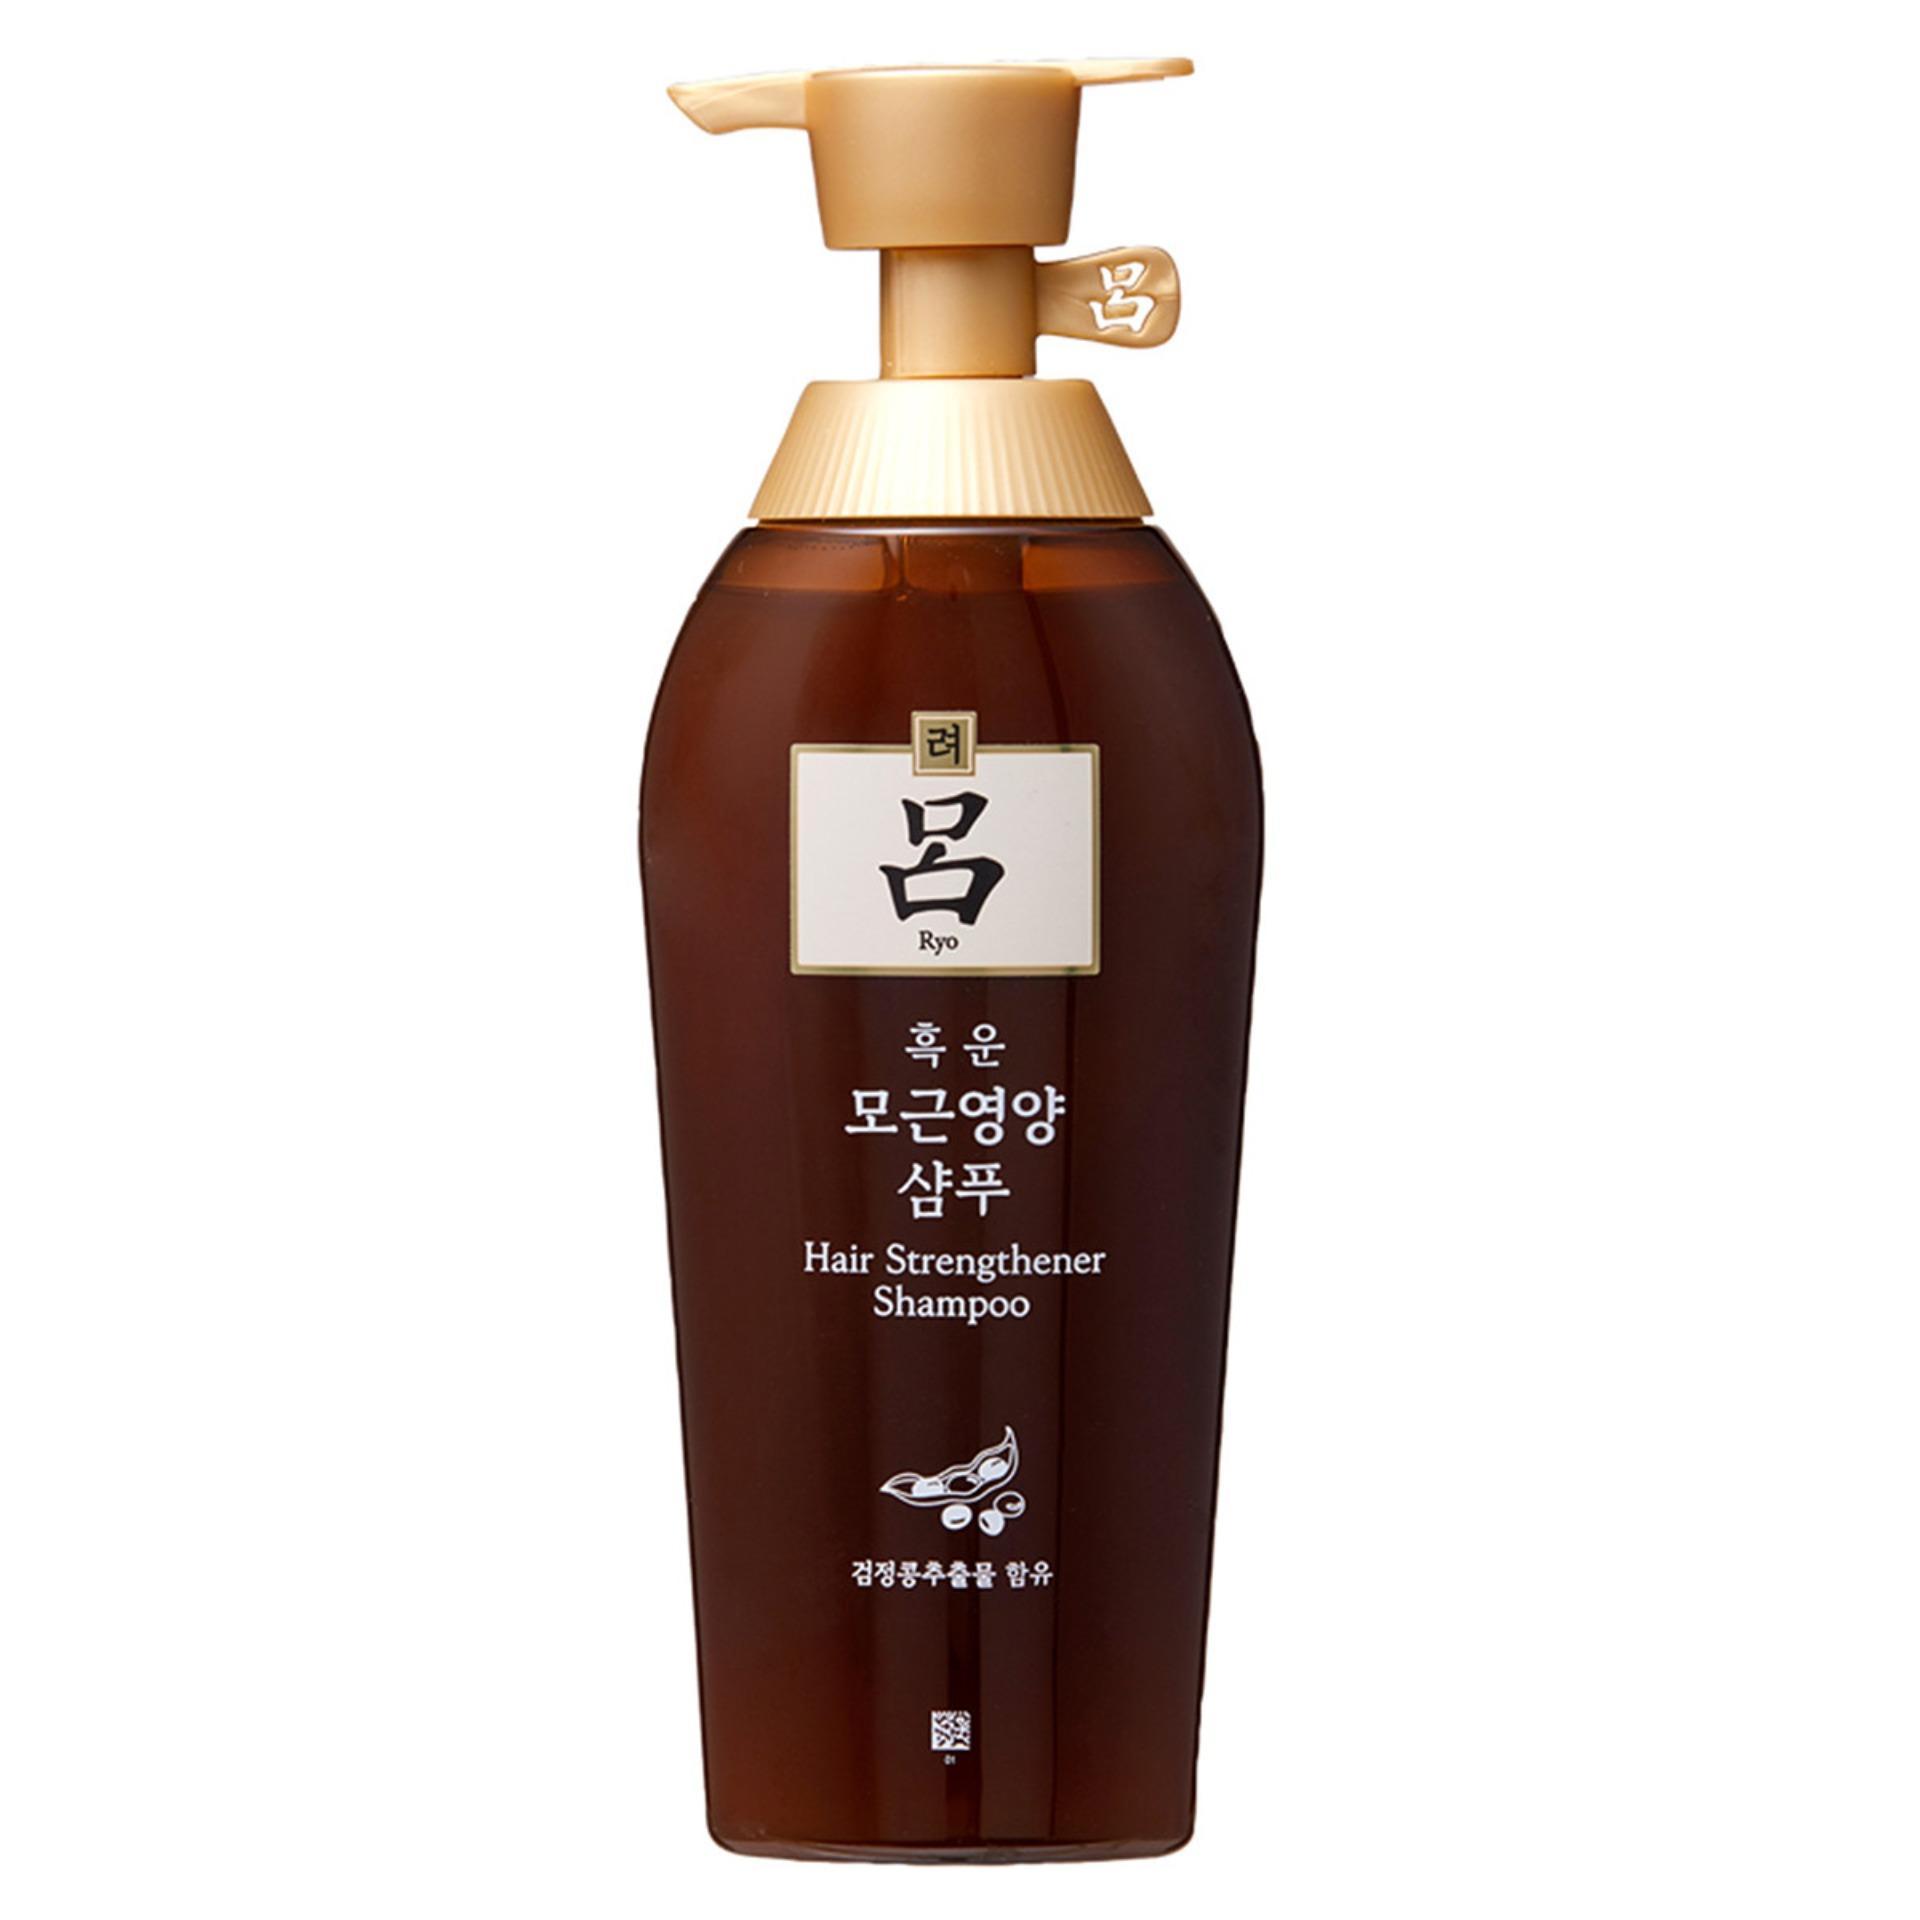 Dầu gội thảo dược phục hồi, chống rụng tóc Ryo Hair Strengthener Shampoo 500ml - Hàn Quốc